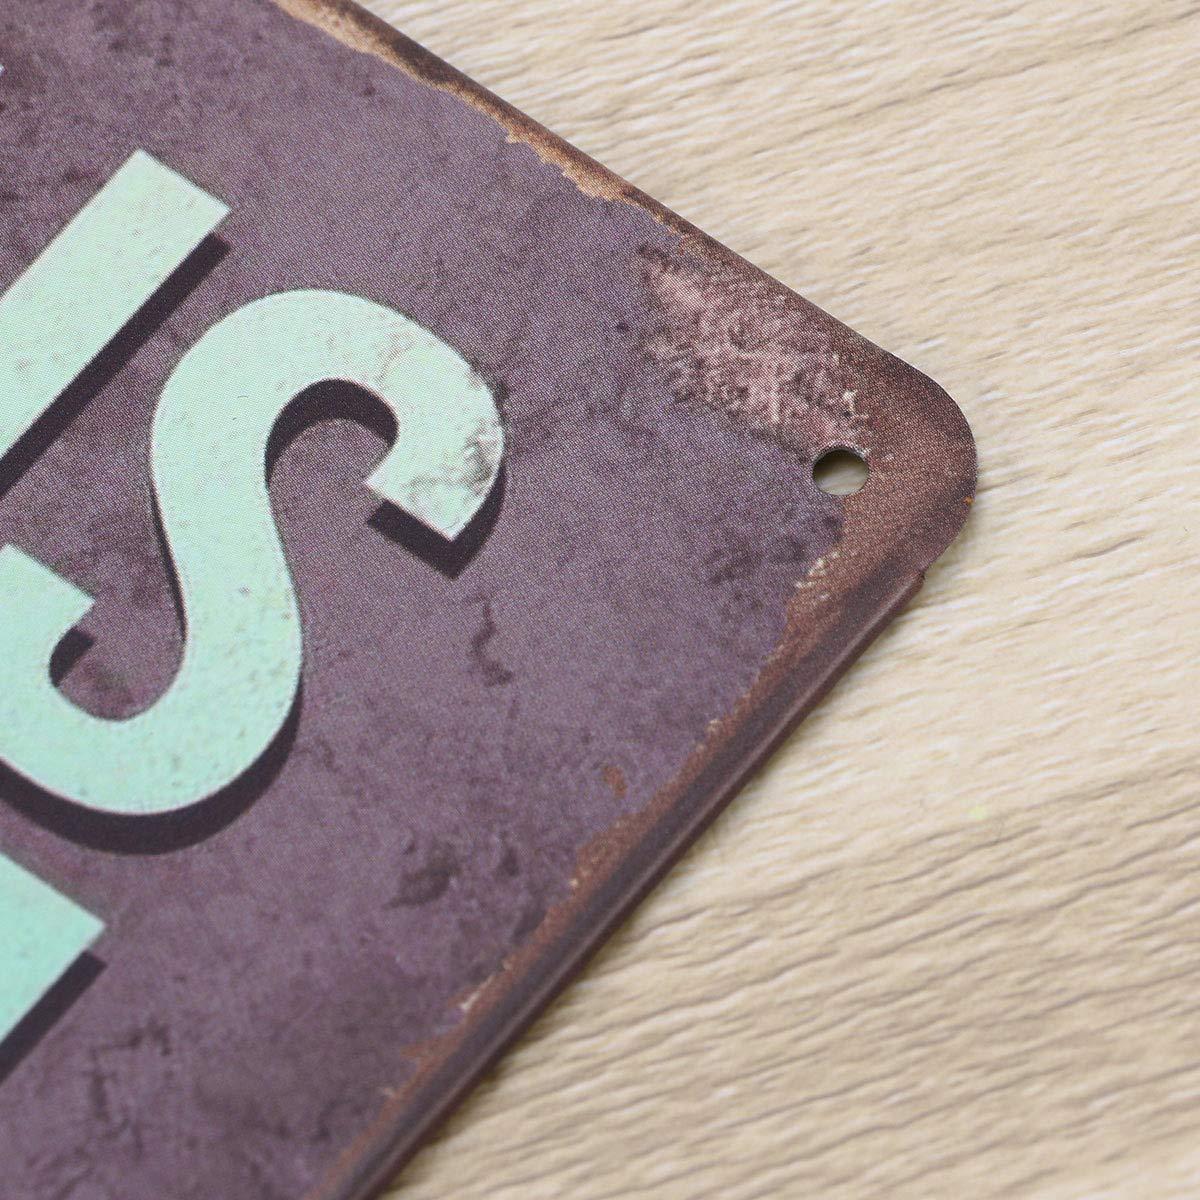 Vosarea Placa Vintage Retro Carteles de Chapa R/ústico Metal Carteles de Chapa Decoraci/ón para Casa Bar Cafe Pub Cocina Hogar